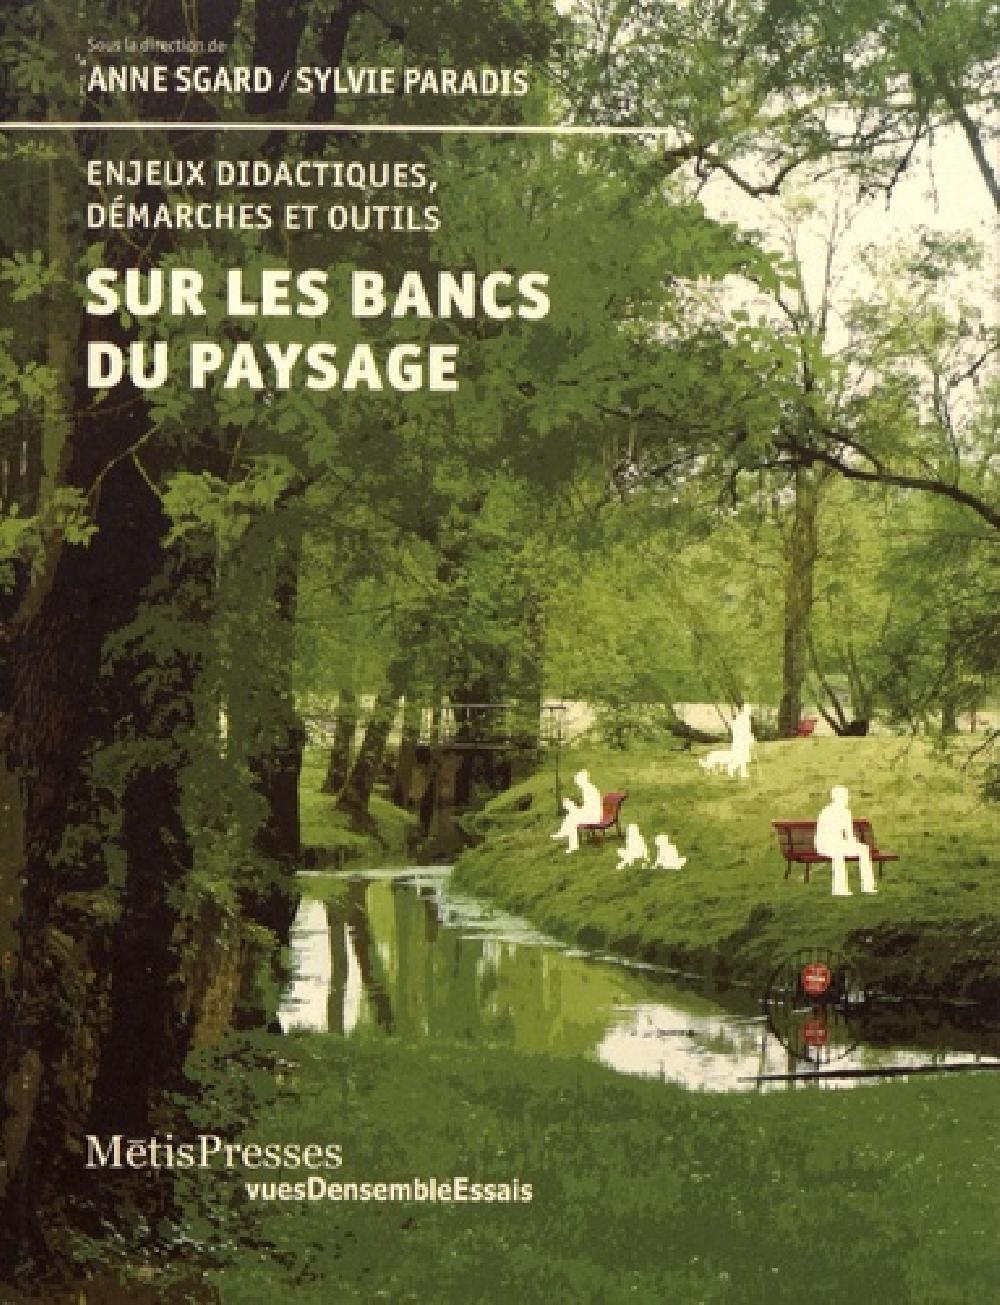 Sur les bancs du paysage - Enjeux didactiques, démarches et outils